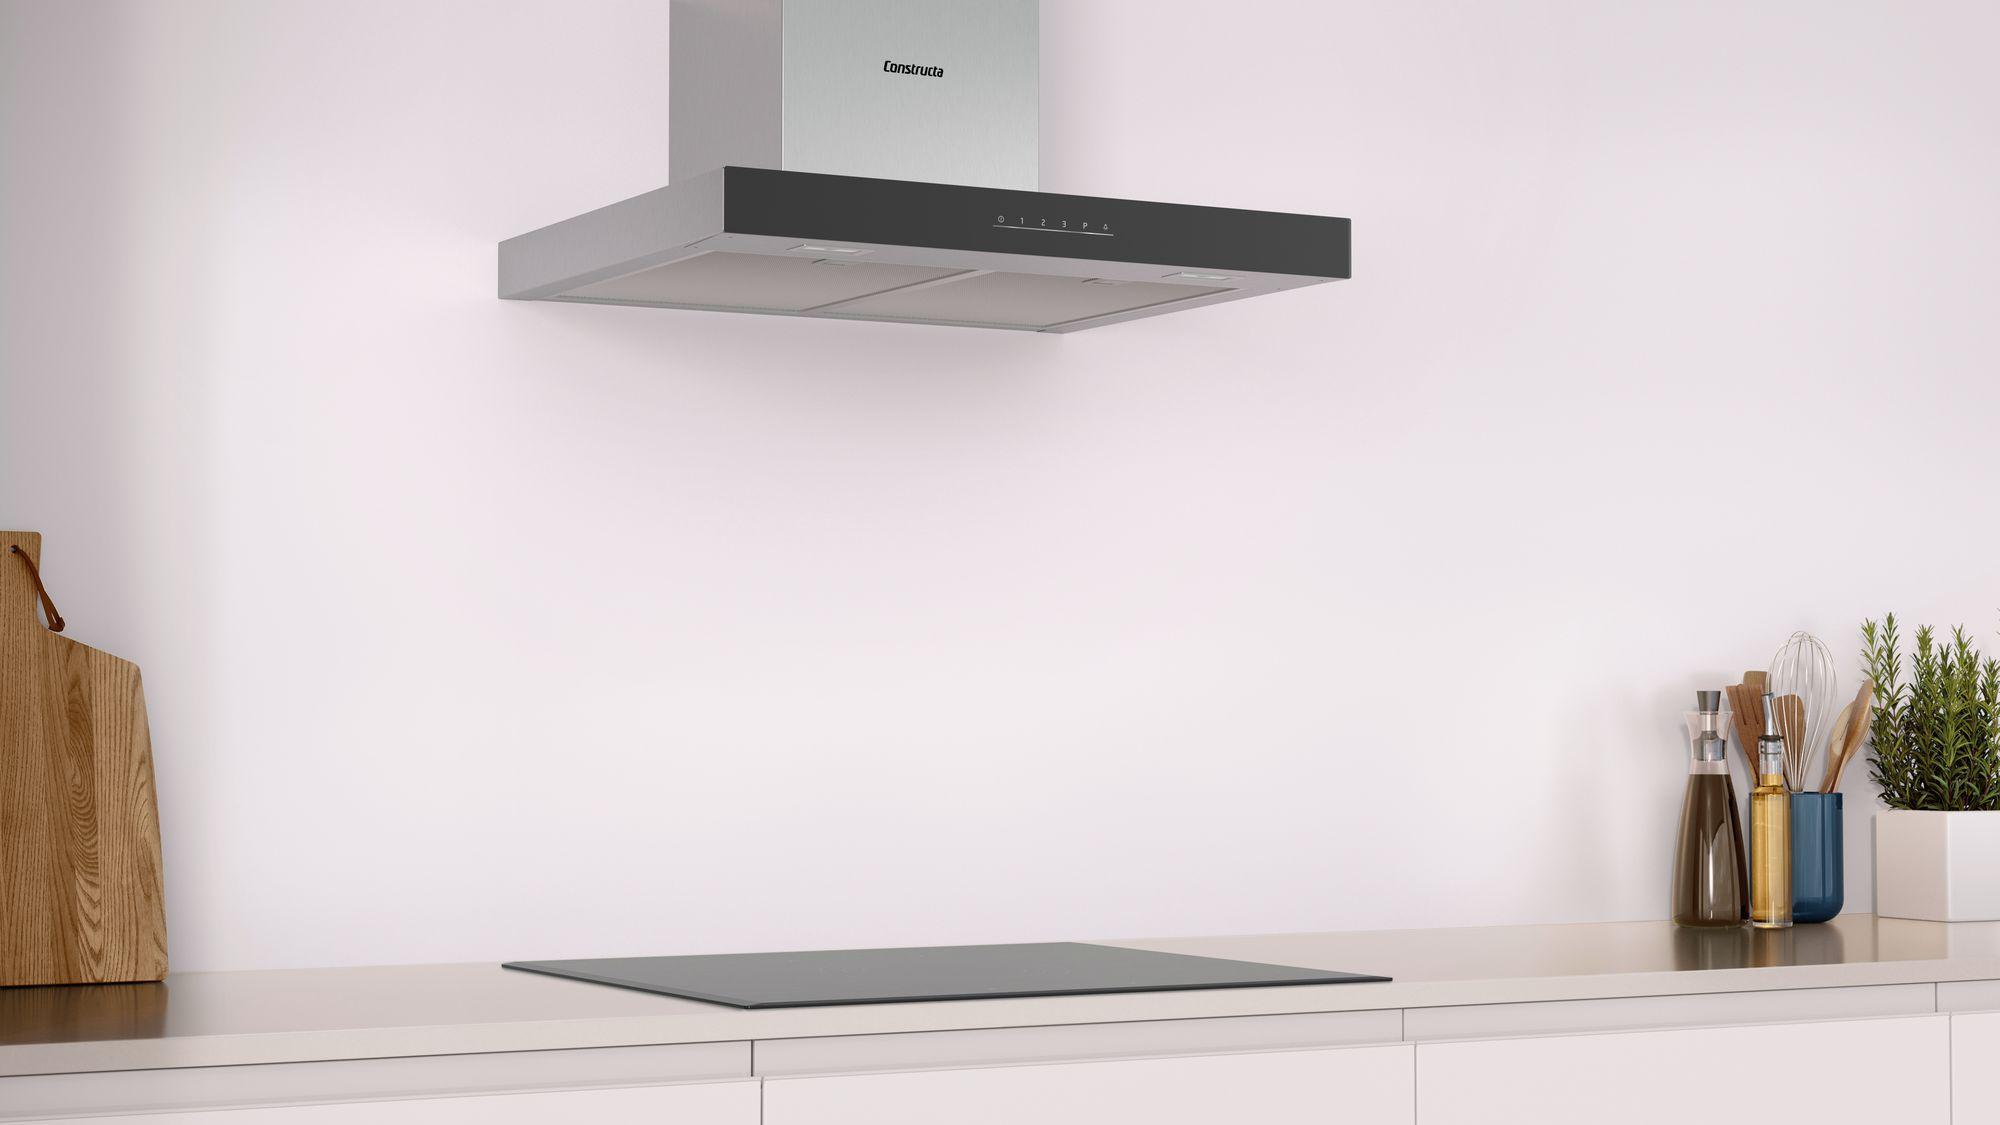 dunstabzugshaube constructa cd636860 glas schwarz 60cm modulk chen bloc modulk che online kaufen. Black Bedroom Furniture Sets. Home Design Ideas